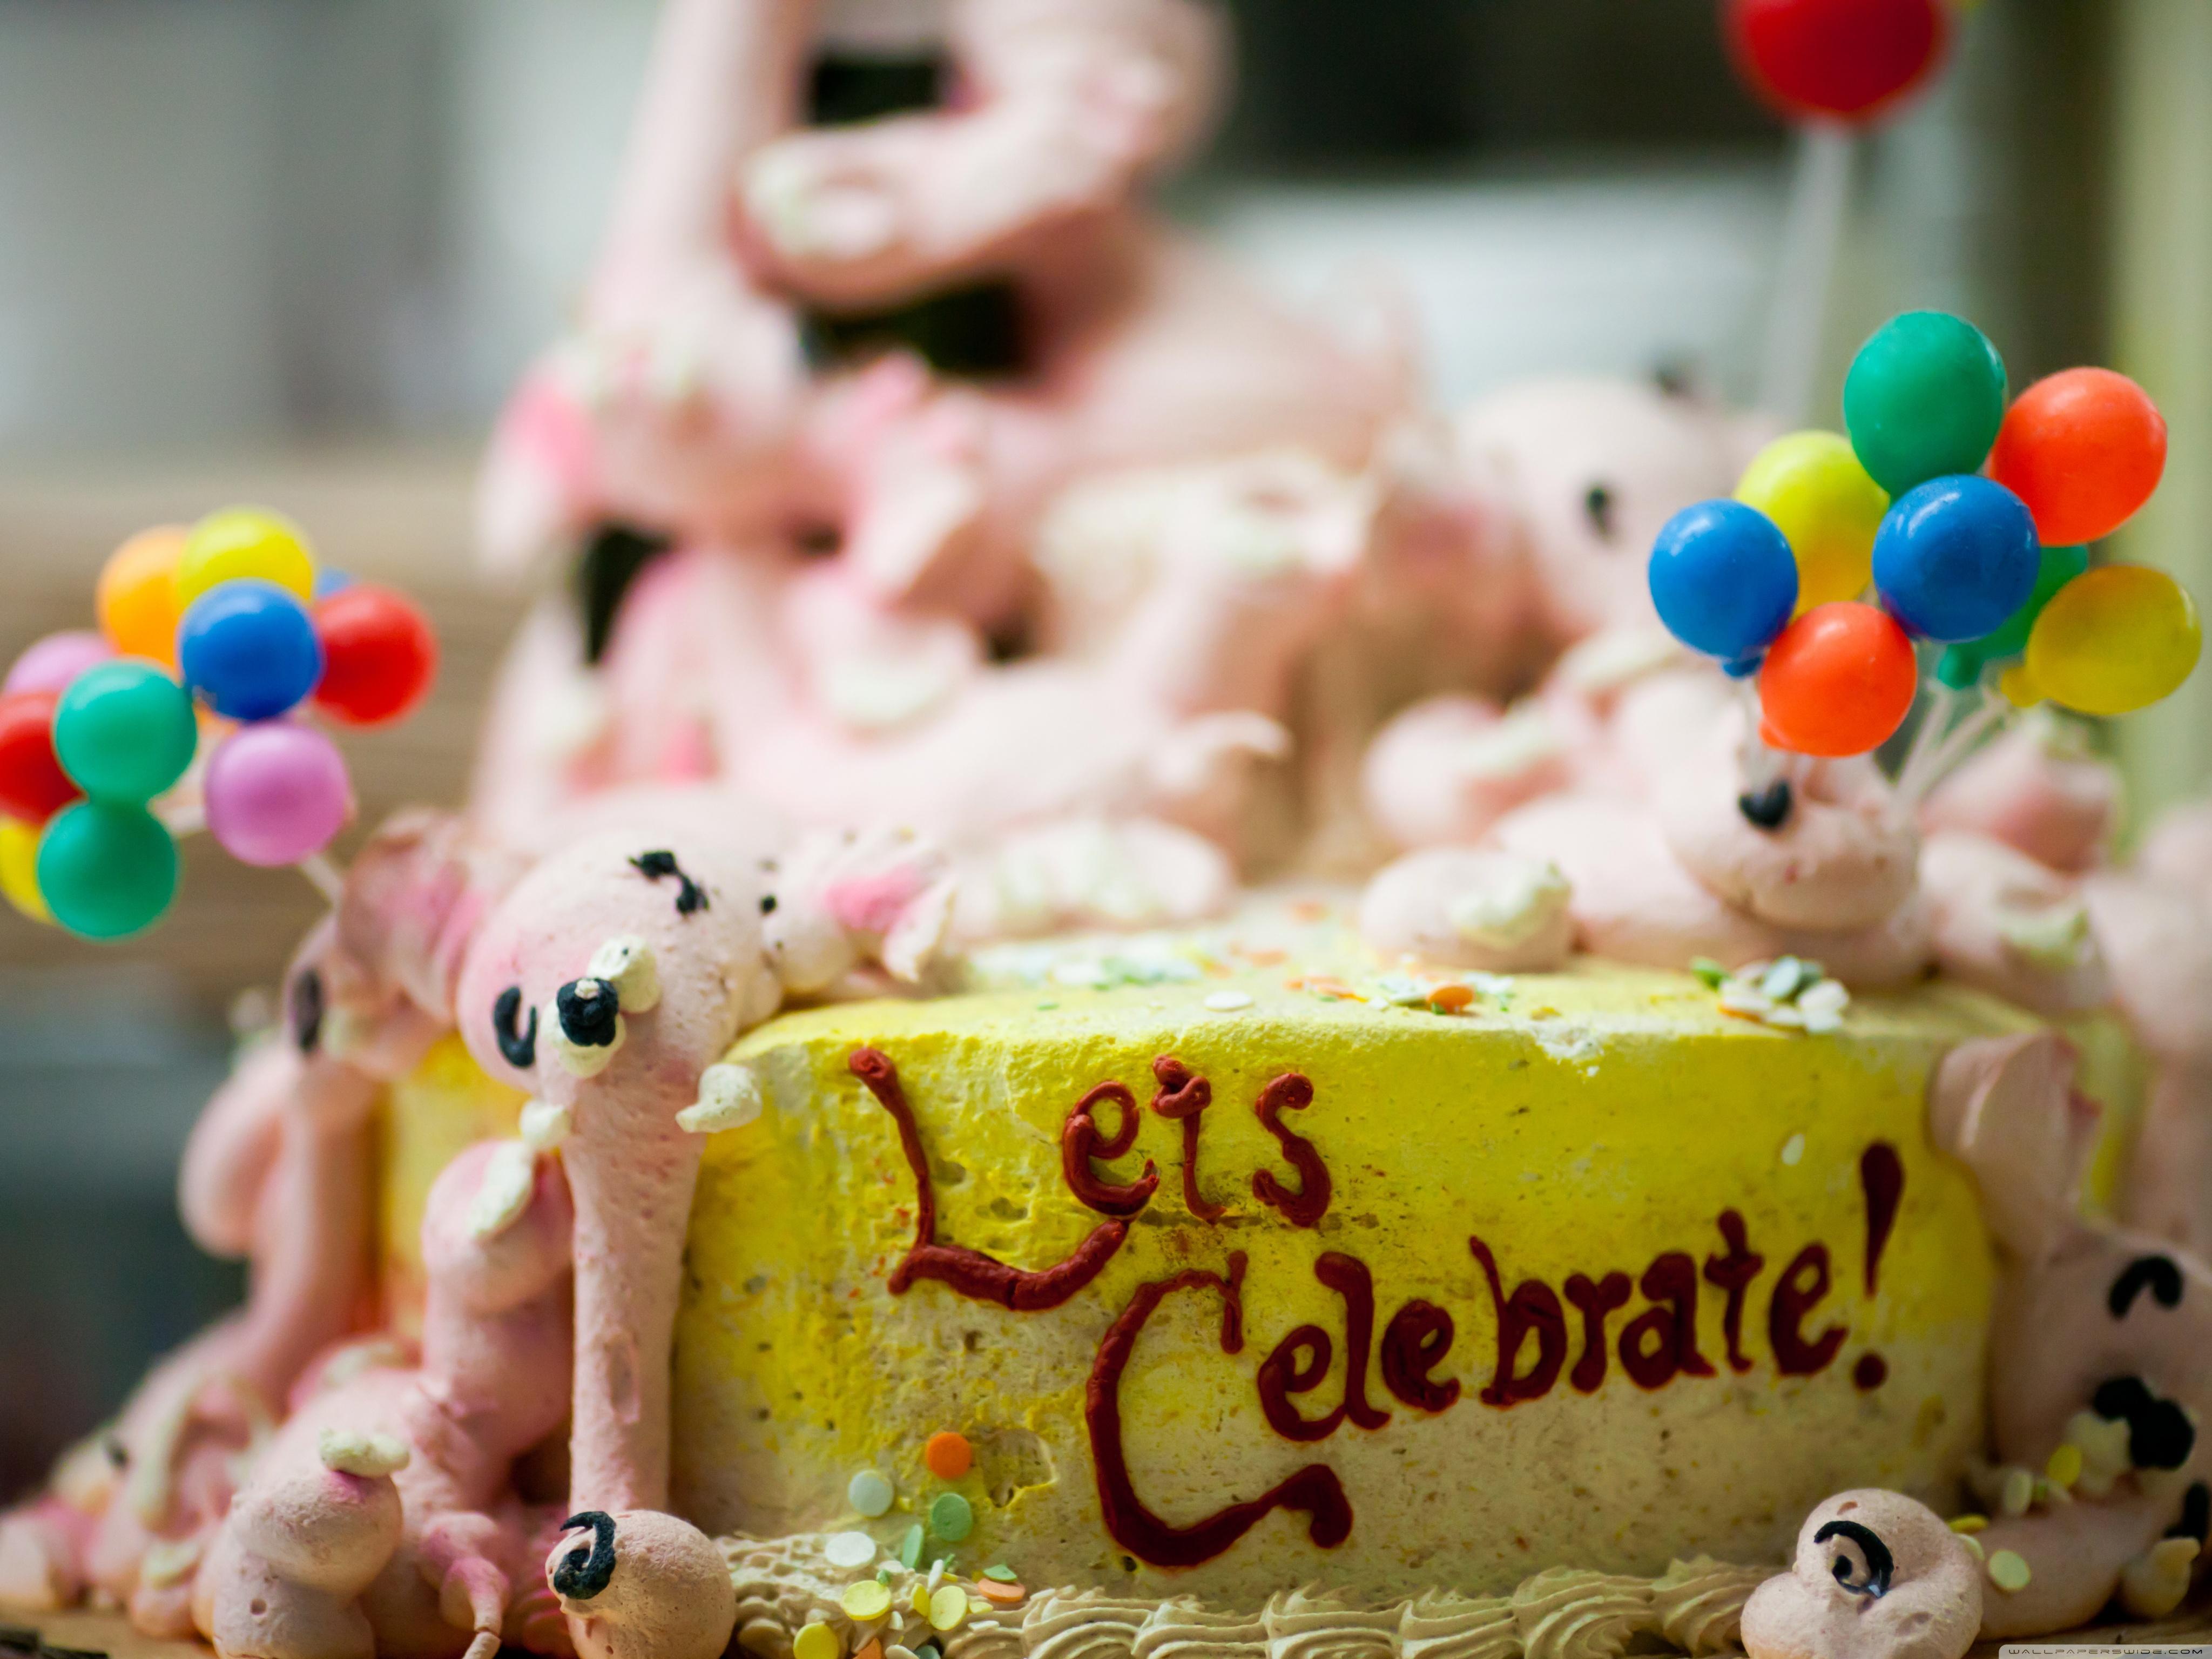 Картинки, картинки торта с днем рождения прикольные